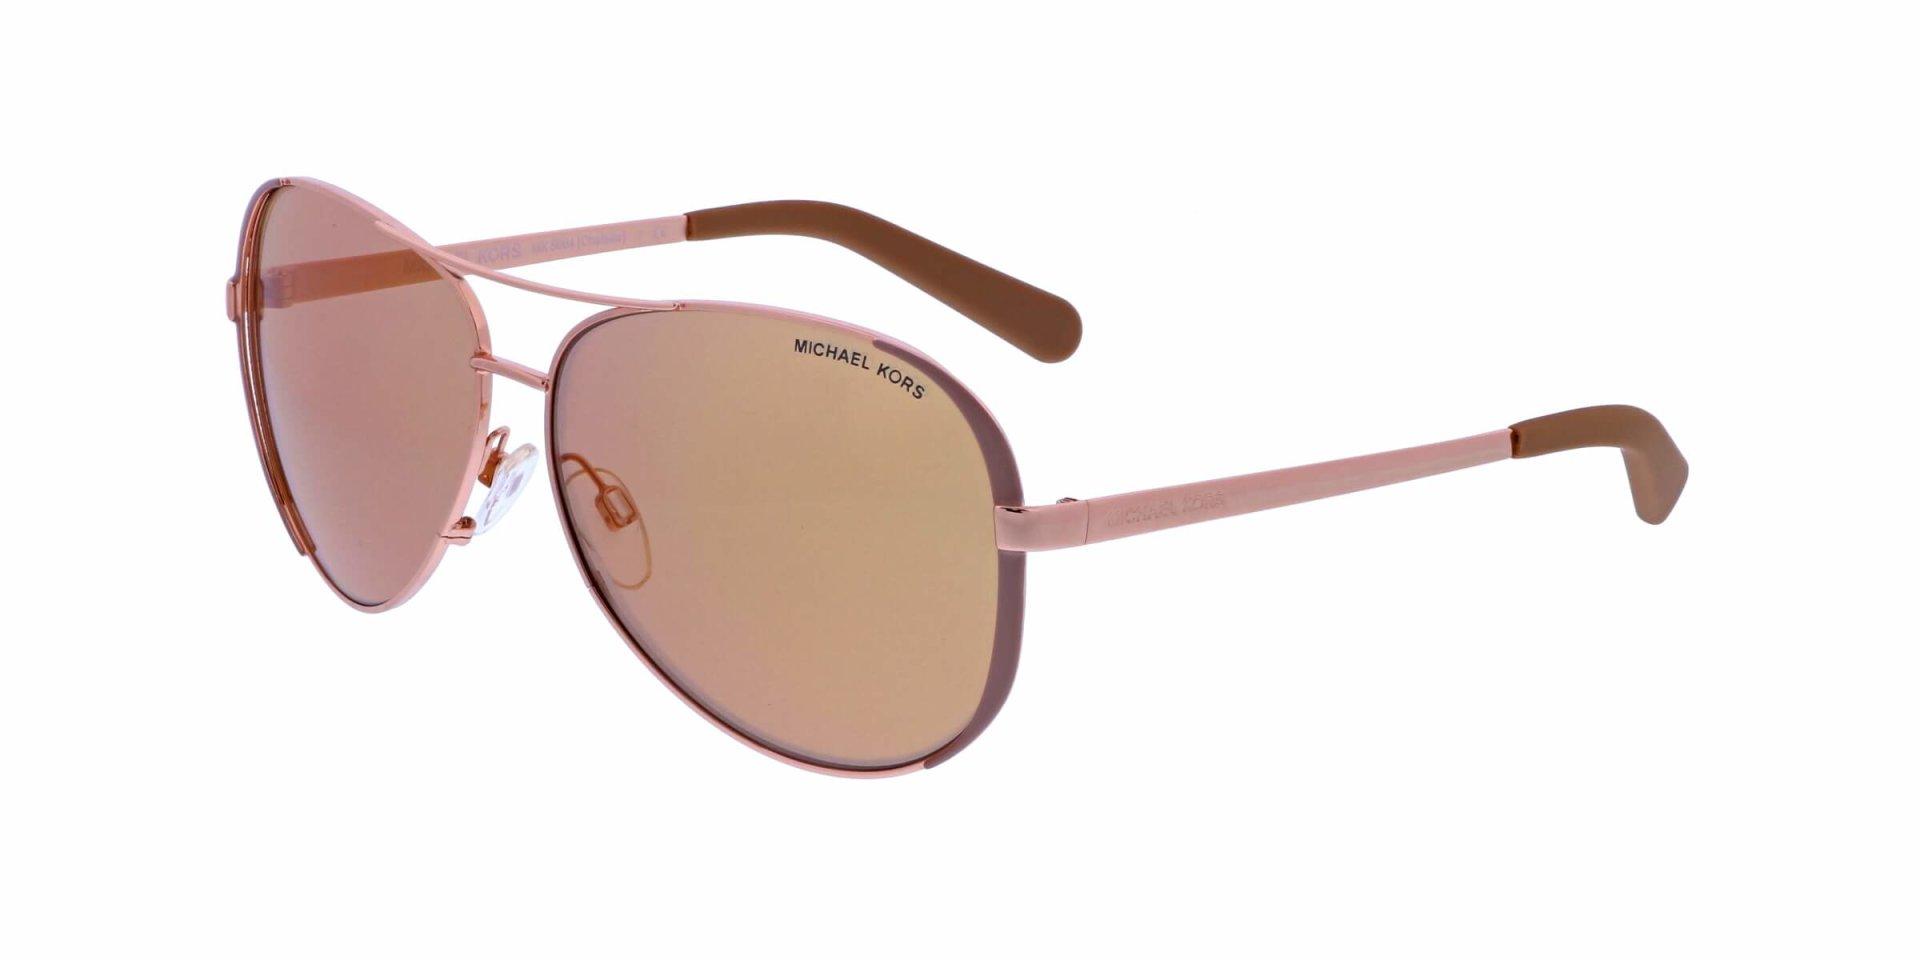 d3b7026c3 Sunglasses MICHAEL KORS | Opticlasa